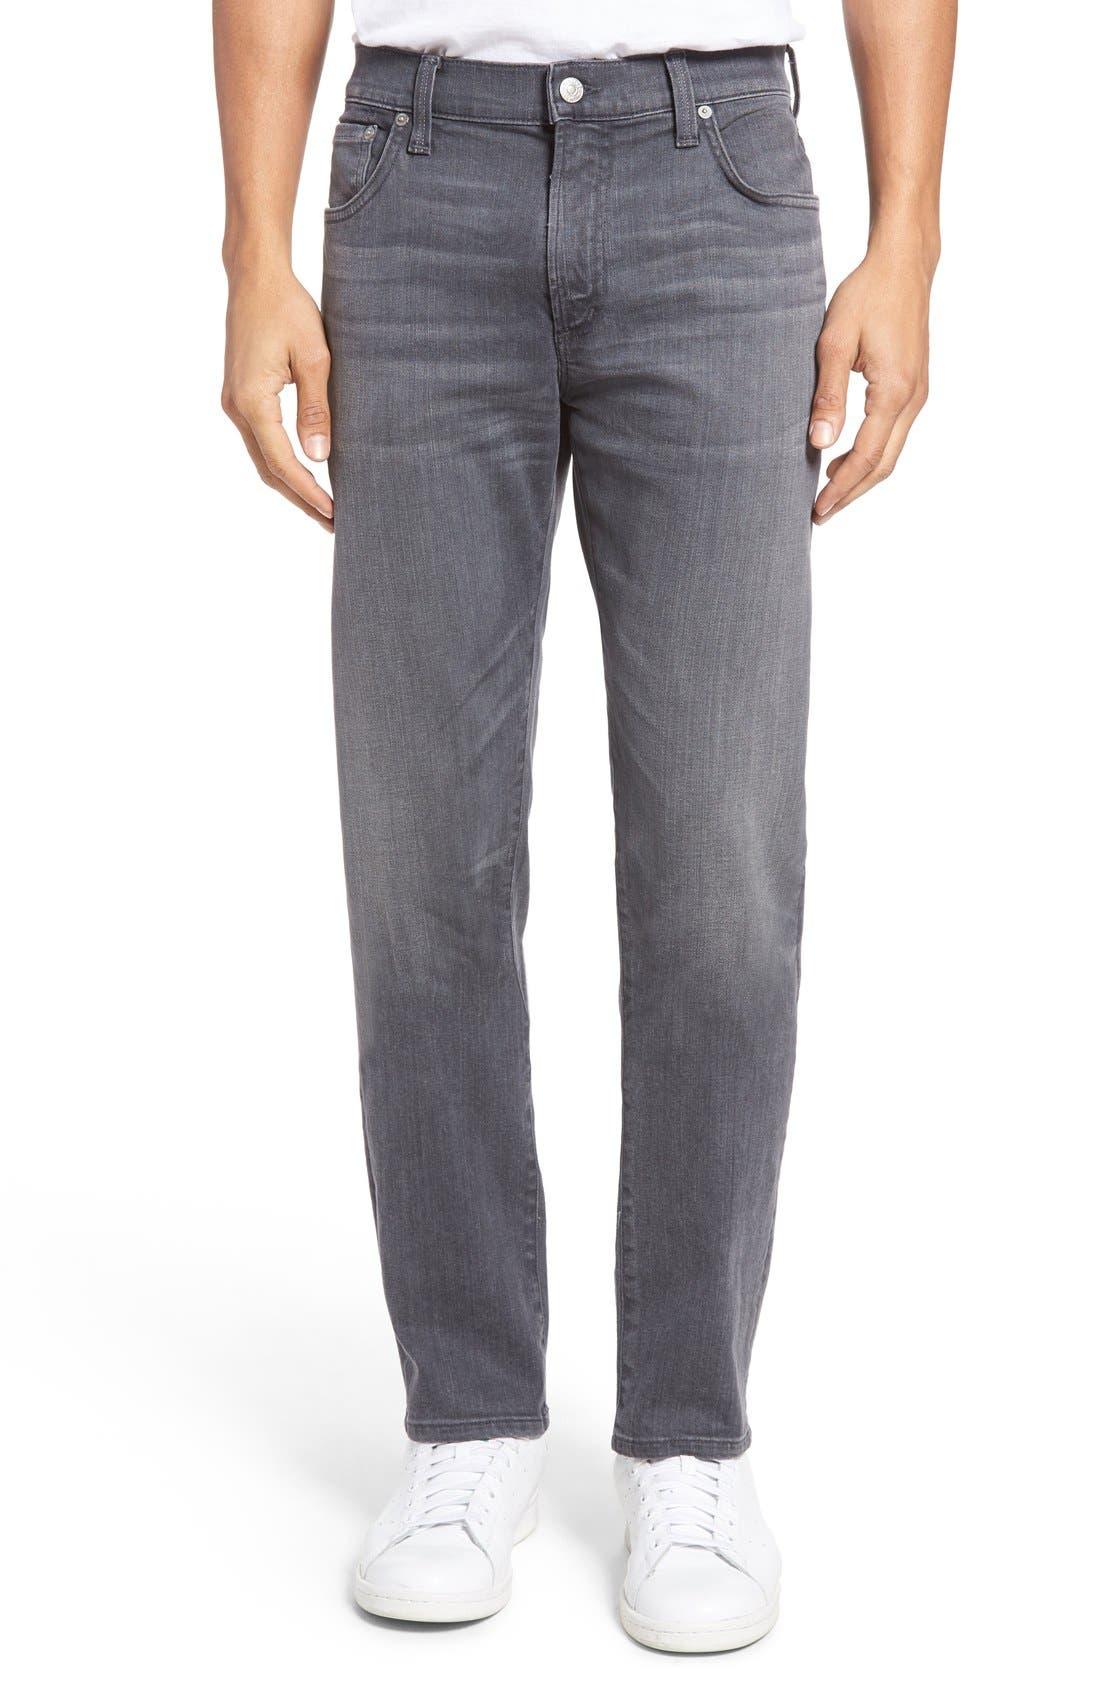 Core Slim Fit Jeans,                         Main,                         color, 400